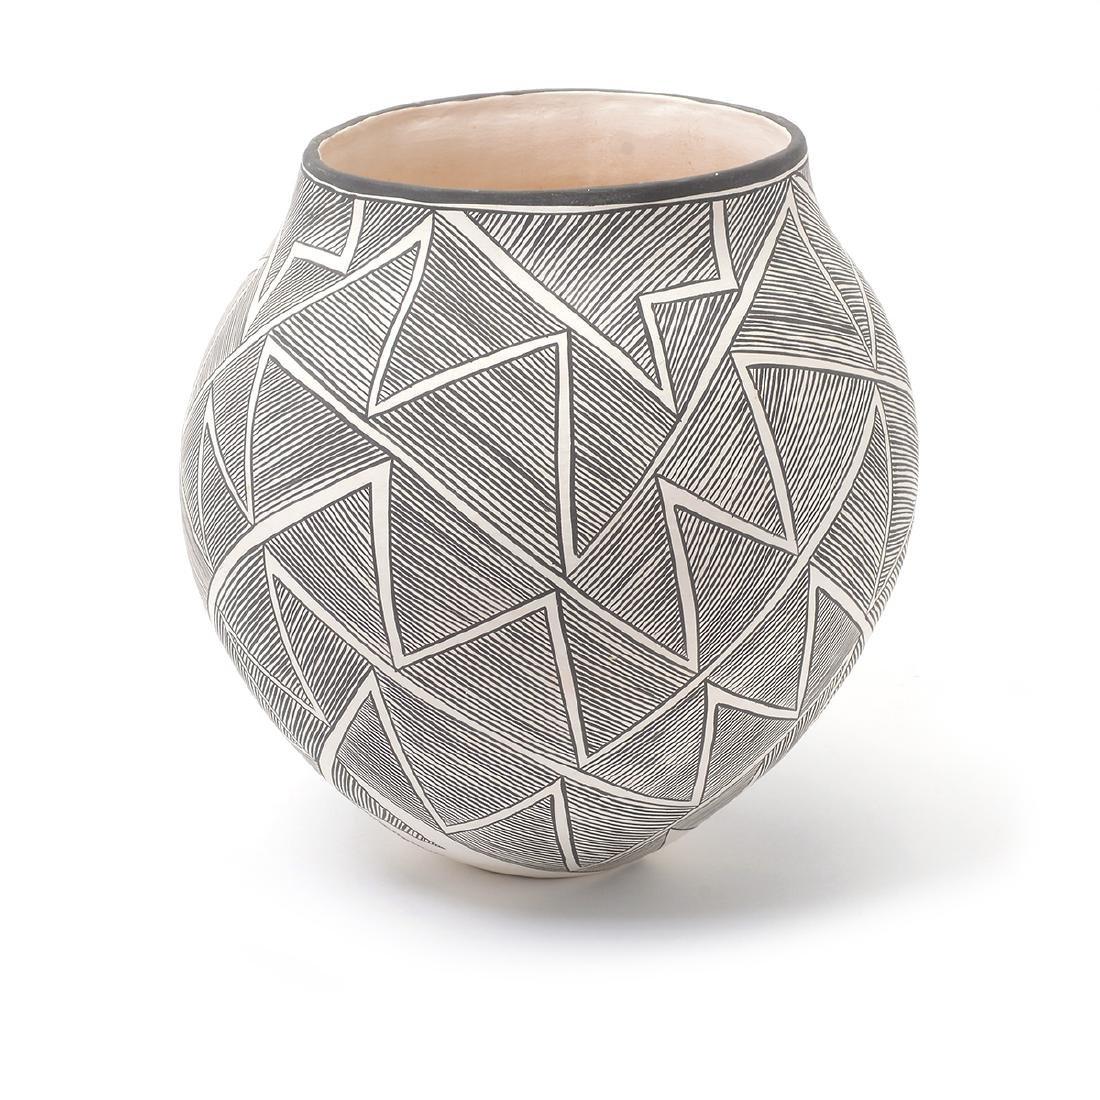 Acoma Geometric Vase with Lightning, B.Goncho, NM - 2